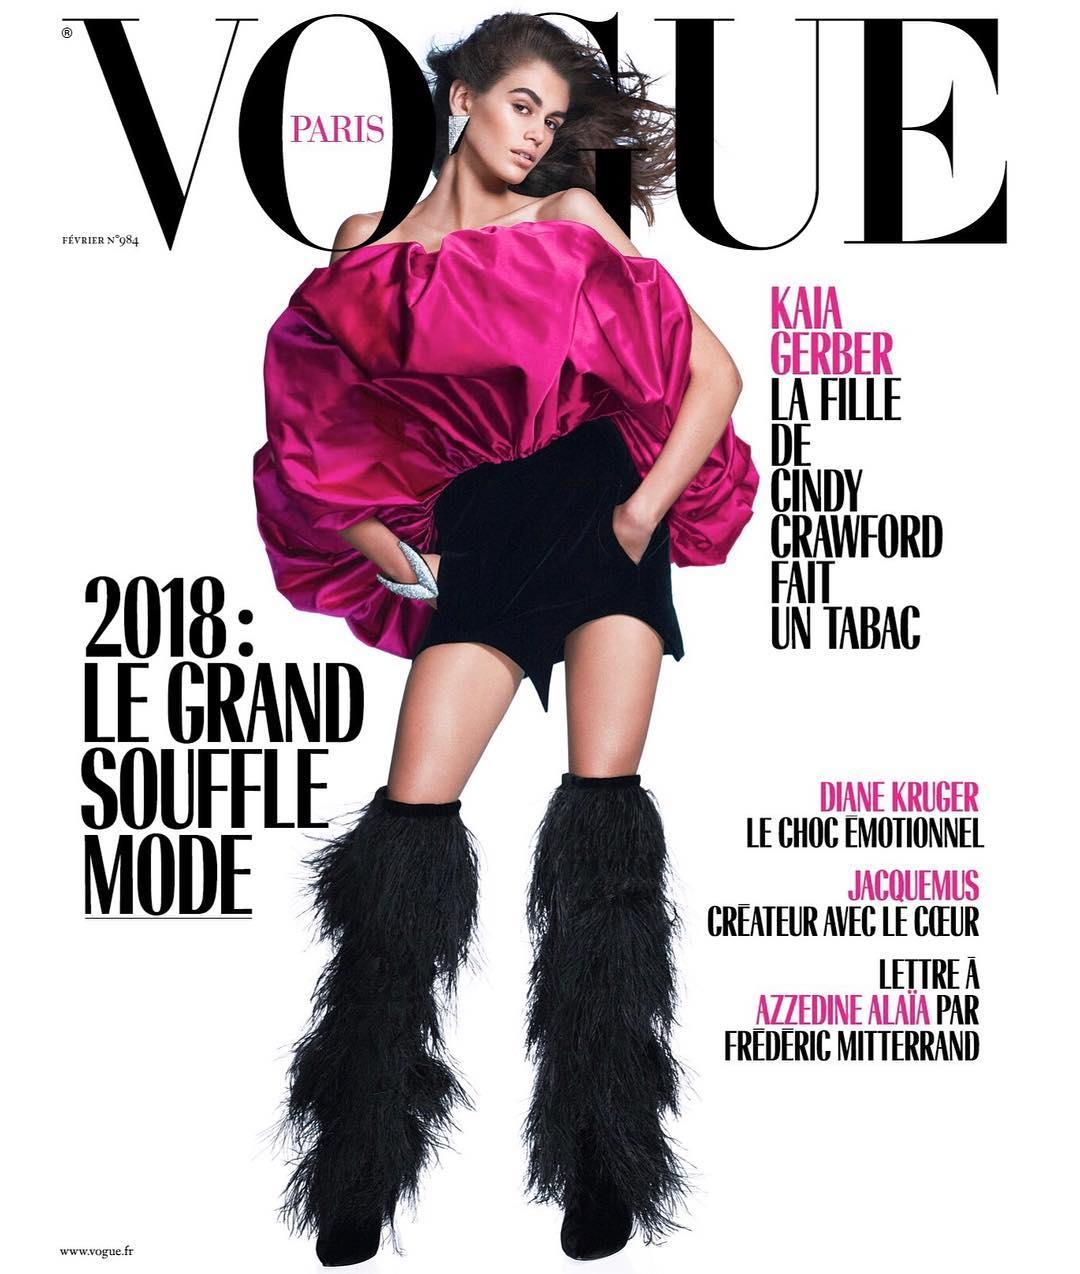 Las portadas de revistas de febrero 2018